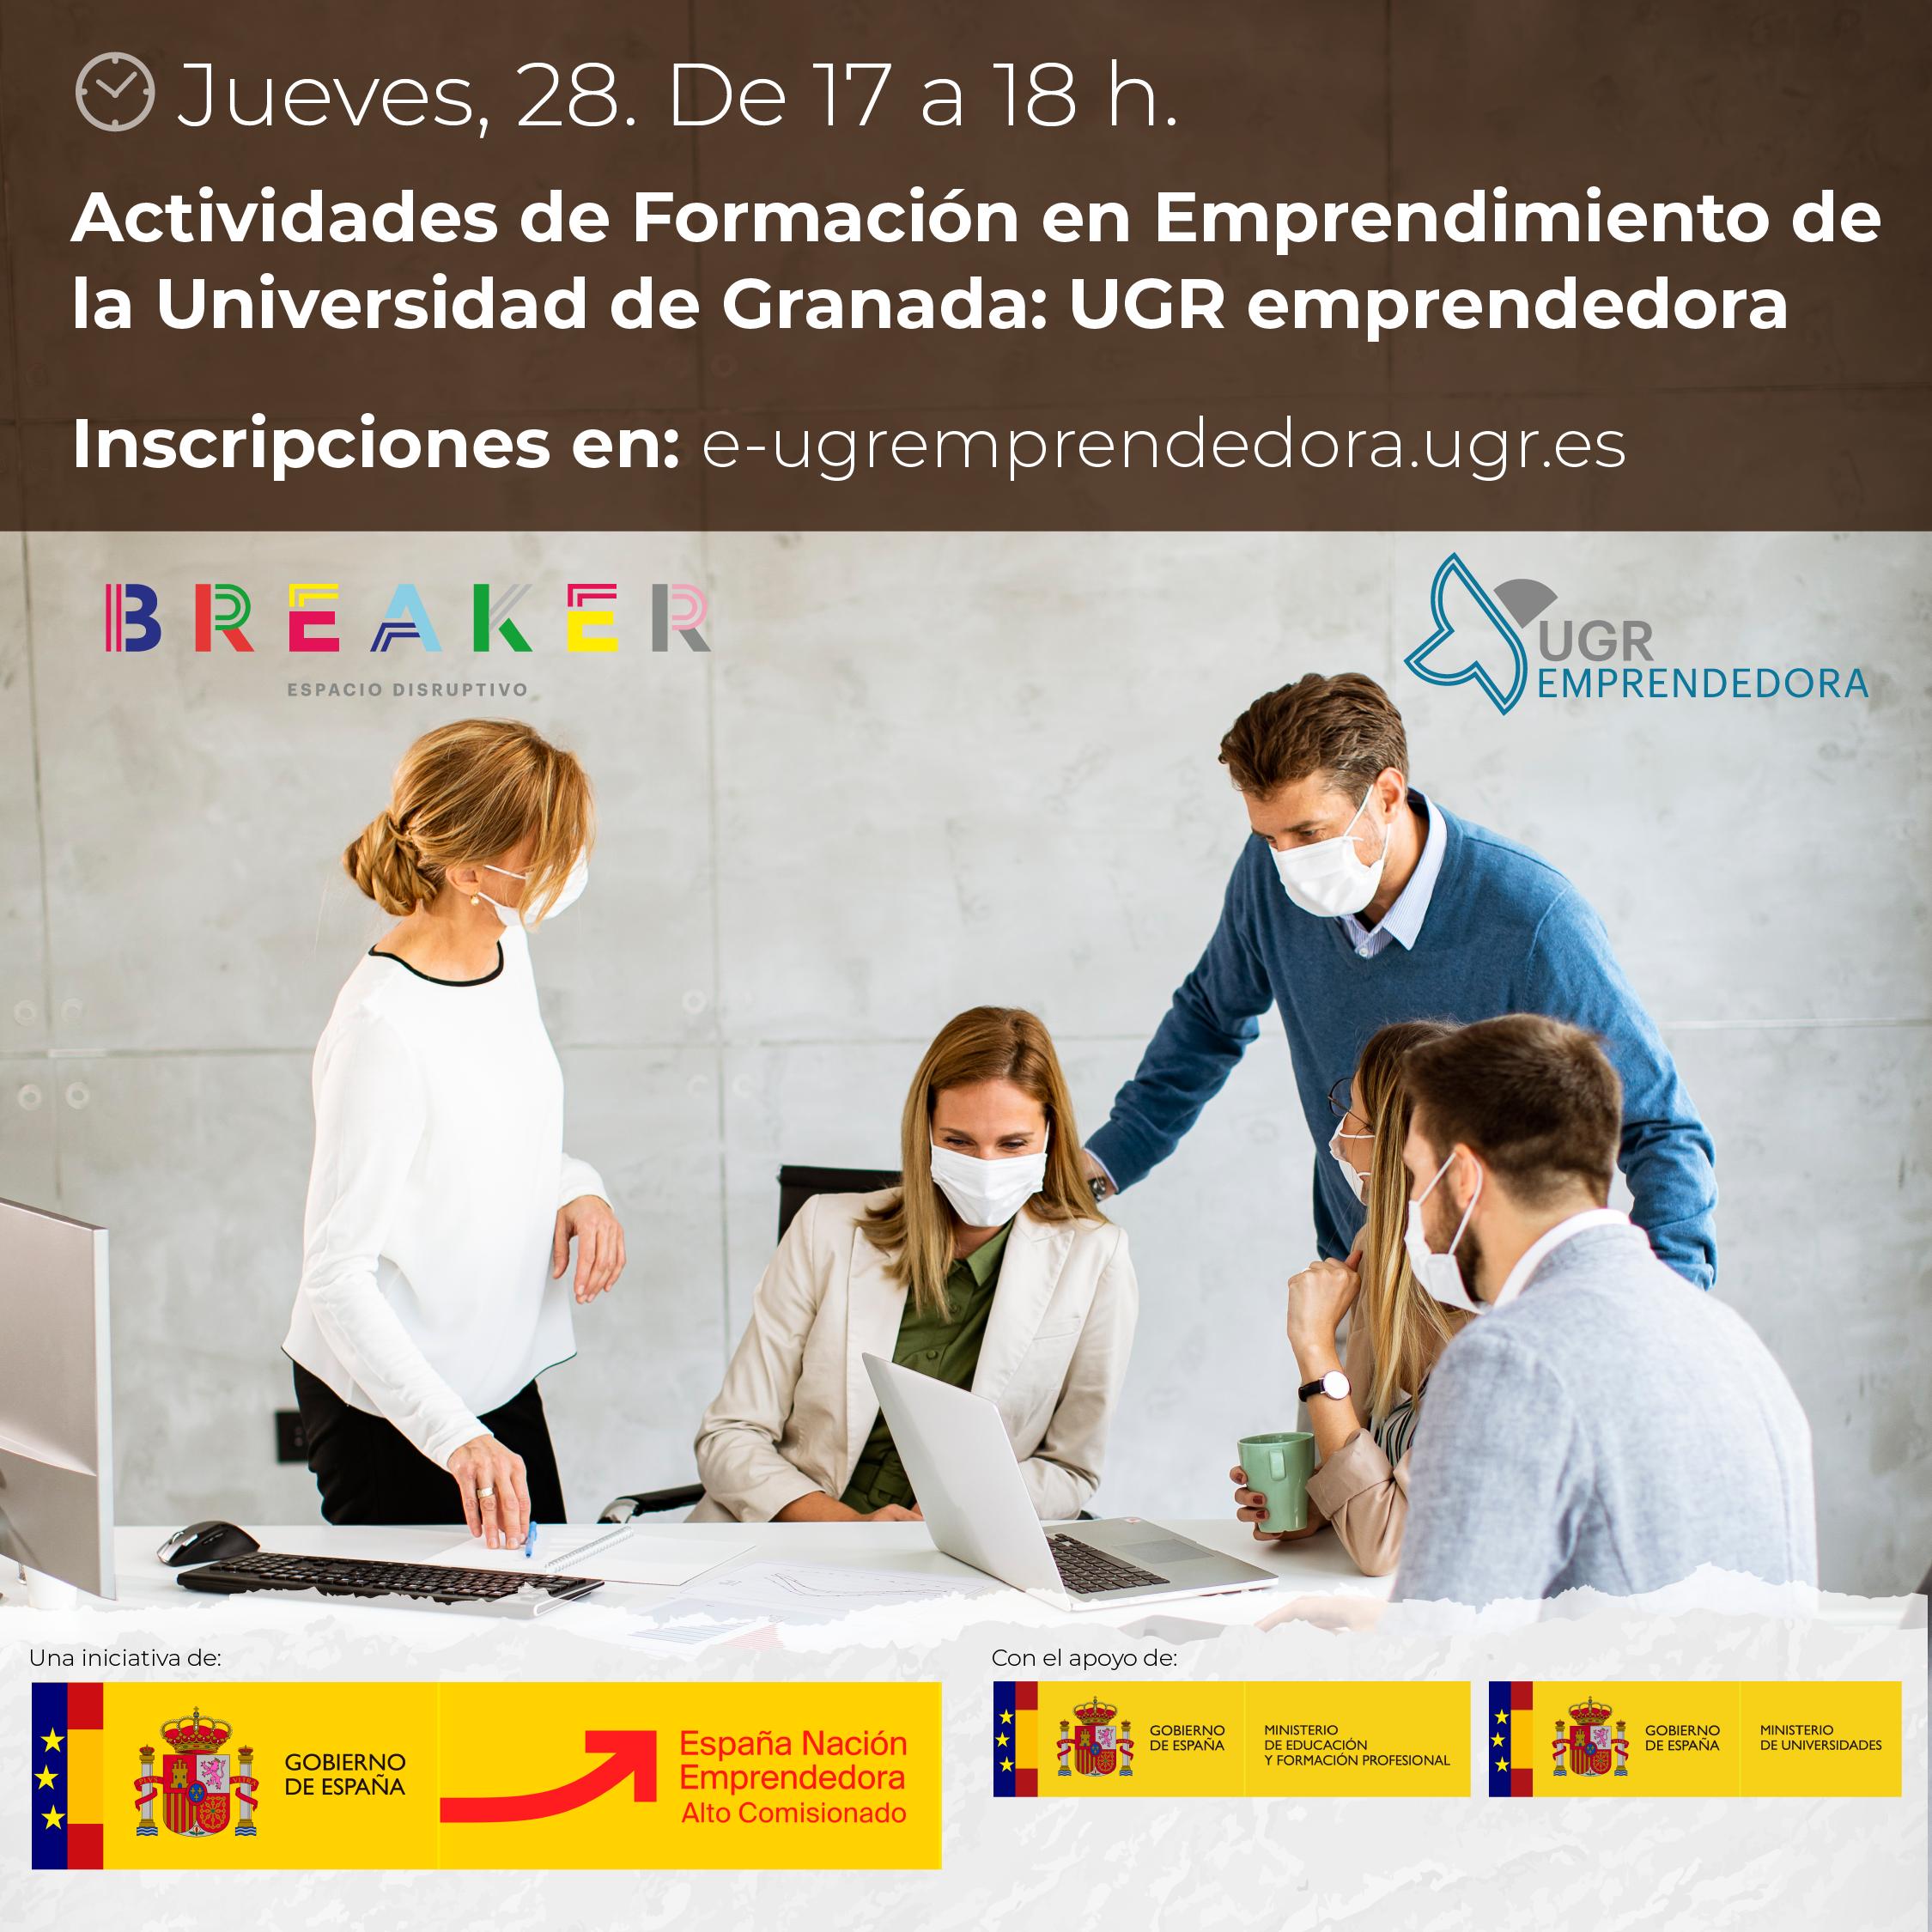 La Universidad de Granada participará en la Semana de la Educación Emprendedora